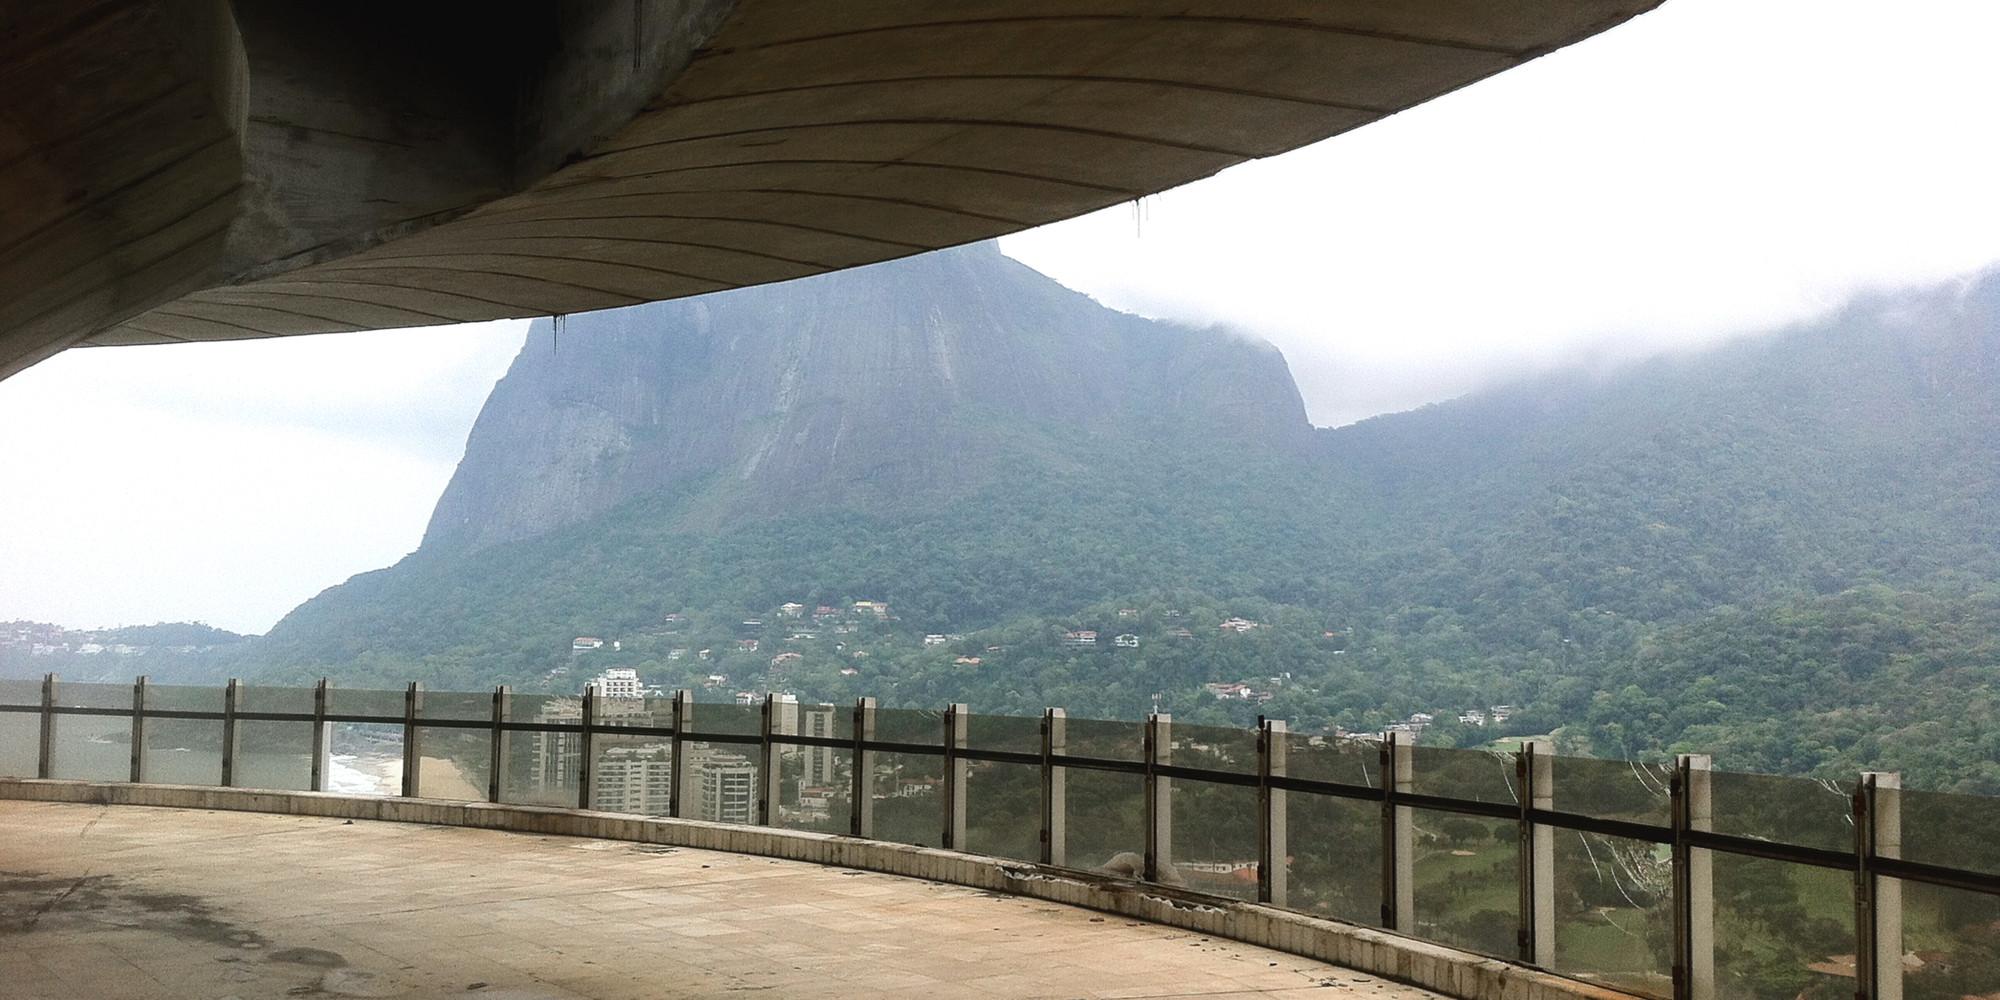 Fórum Rio Academy: Projetar a cidade e não uma construção, Vista do Hotel Naciona. Fotografia de Guilherme de Sá. Image Cortesia de Fórum Rio Academy